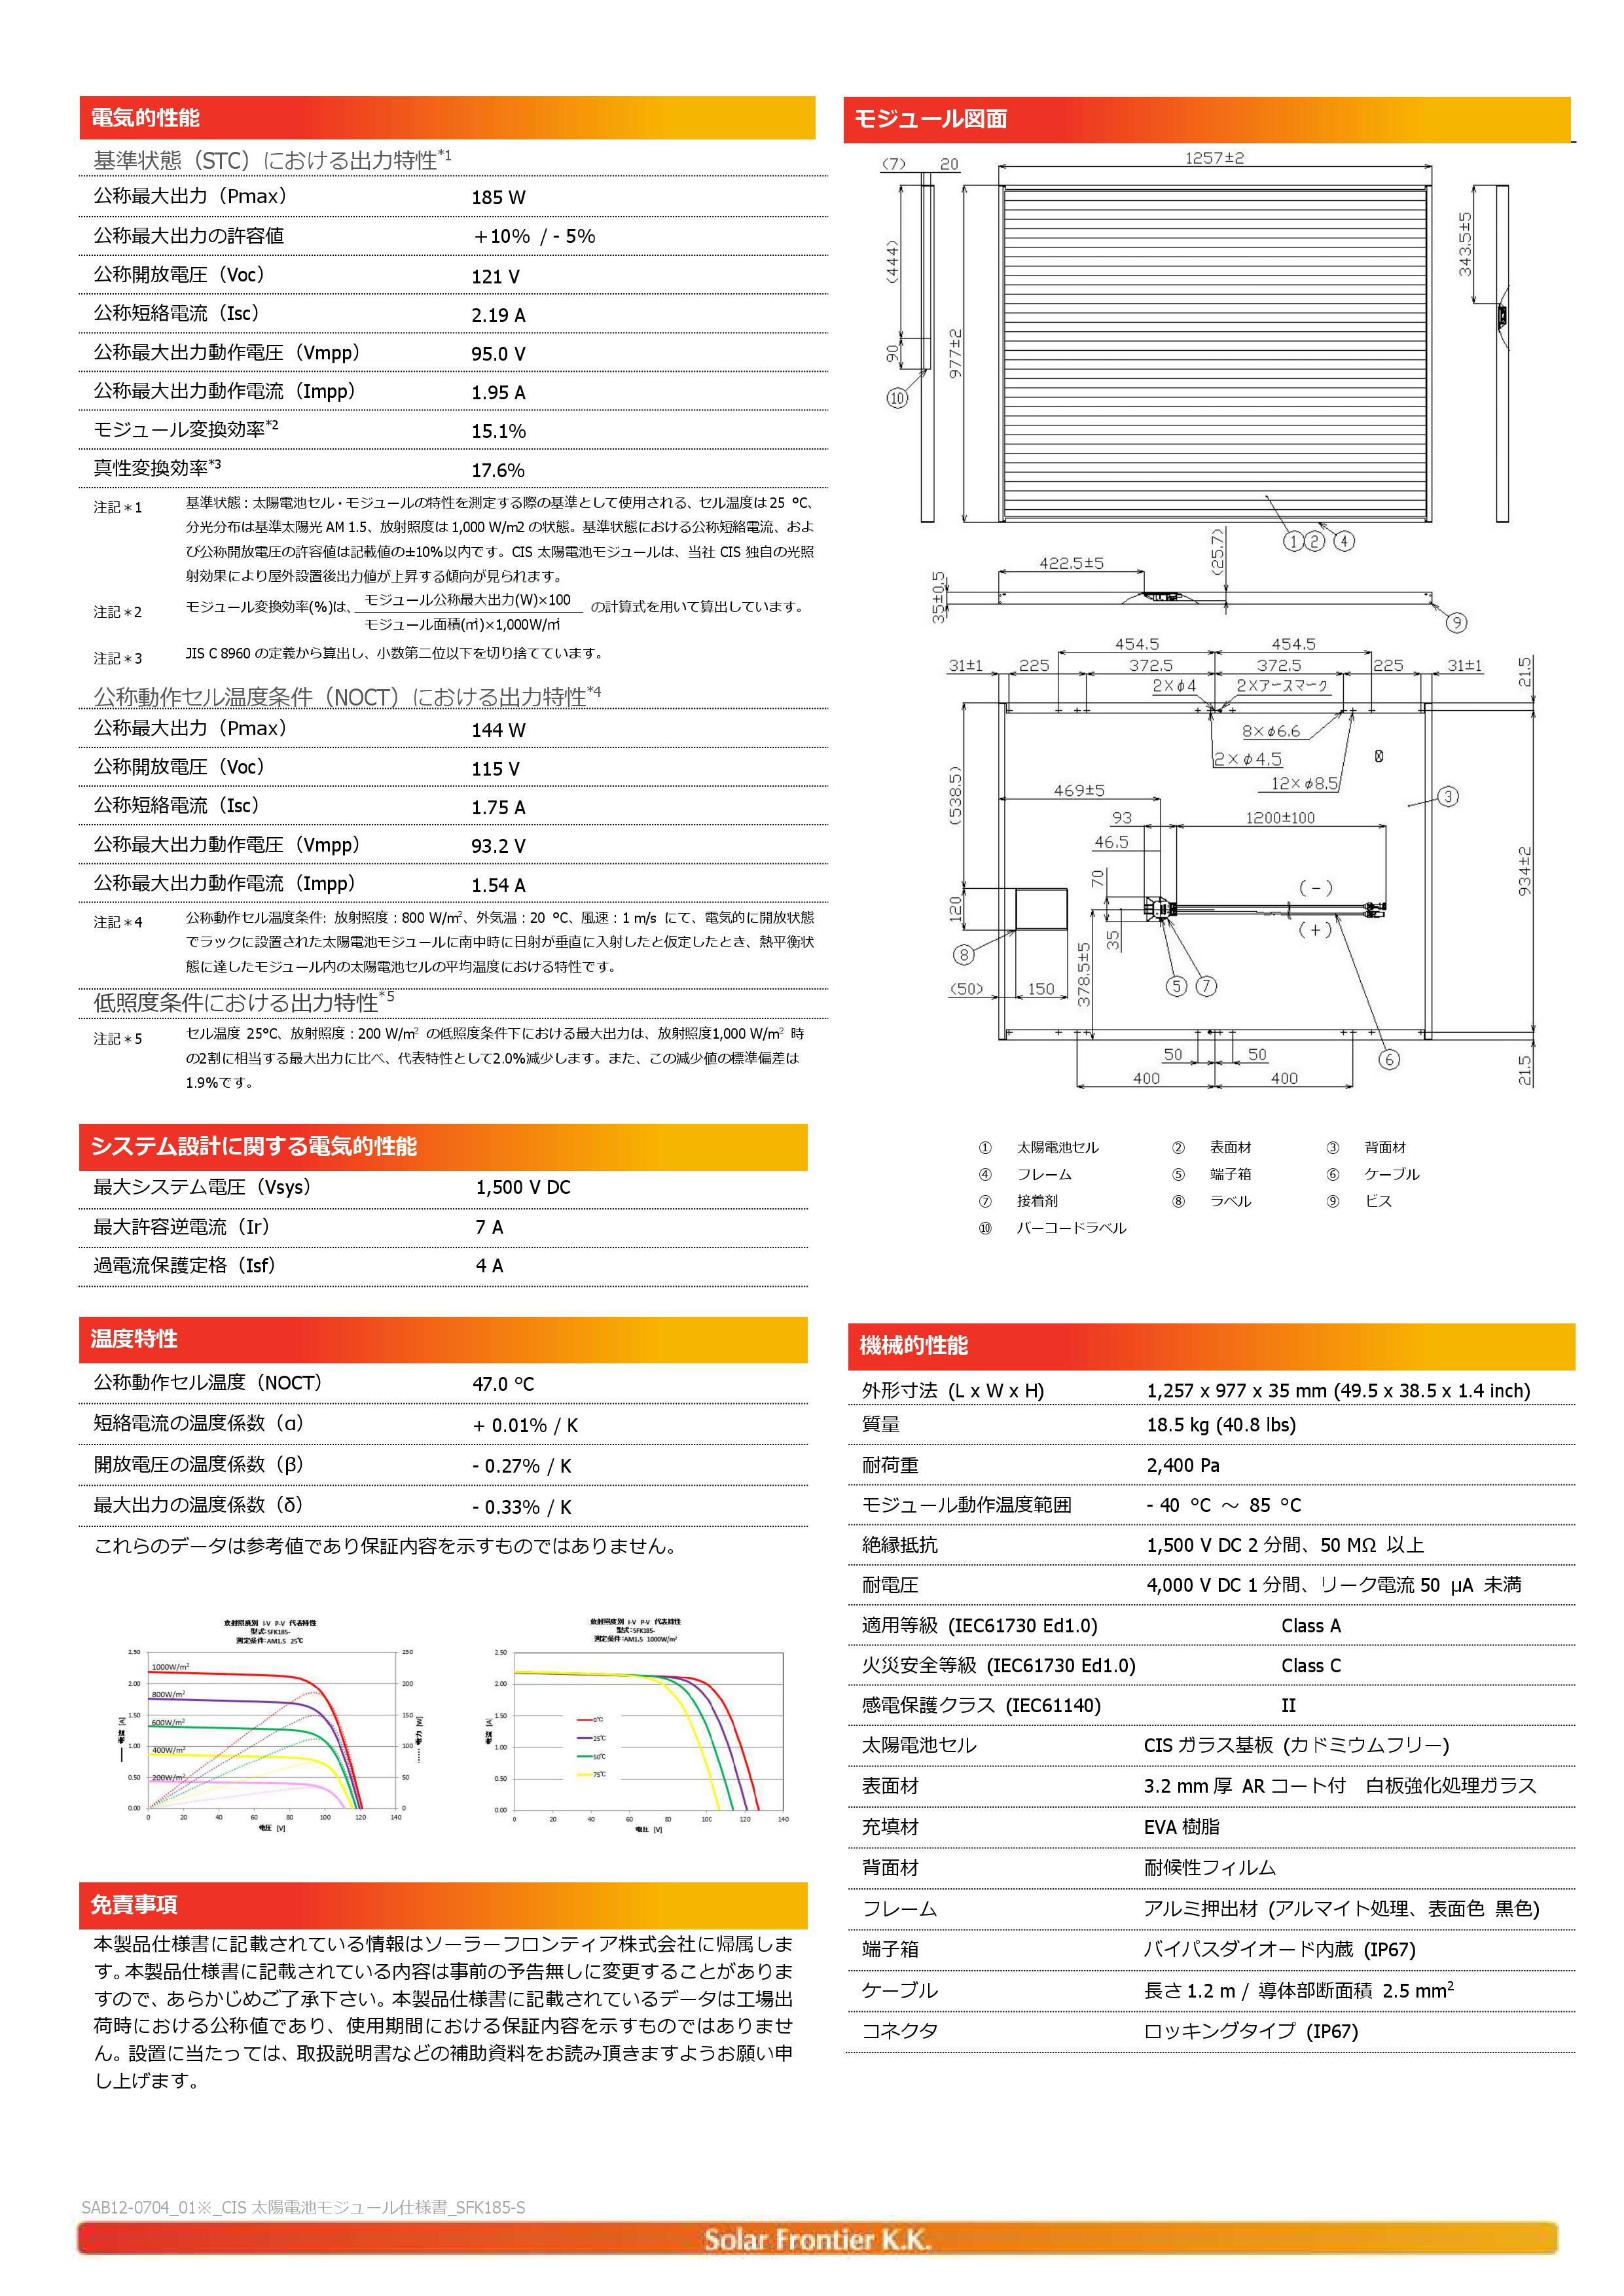 【CIS薄膜系185W】ソーラーフロンティア 太陽光発電パネル SFK185-S ソーラーパネル